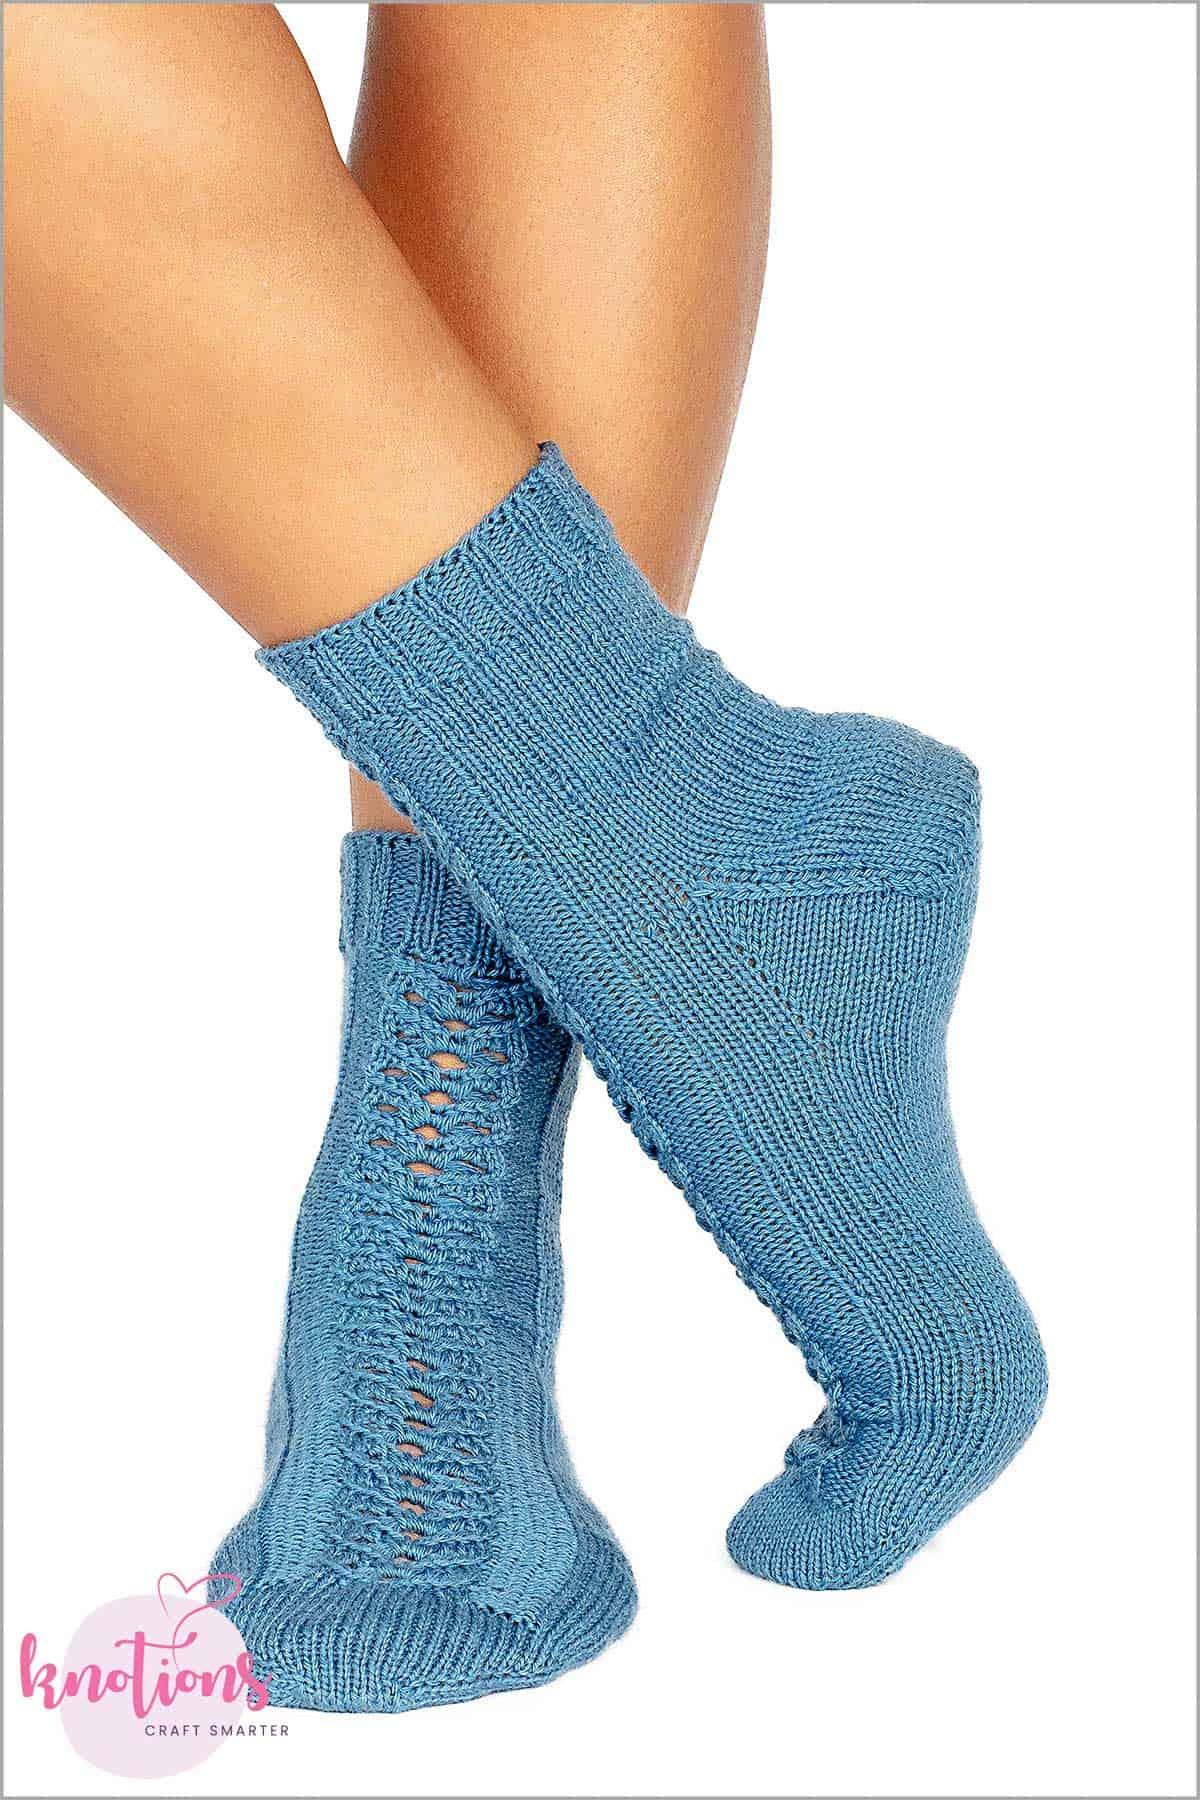 nightowl-socks-6